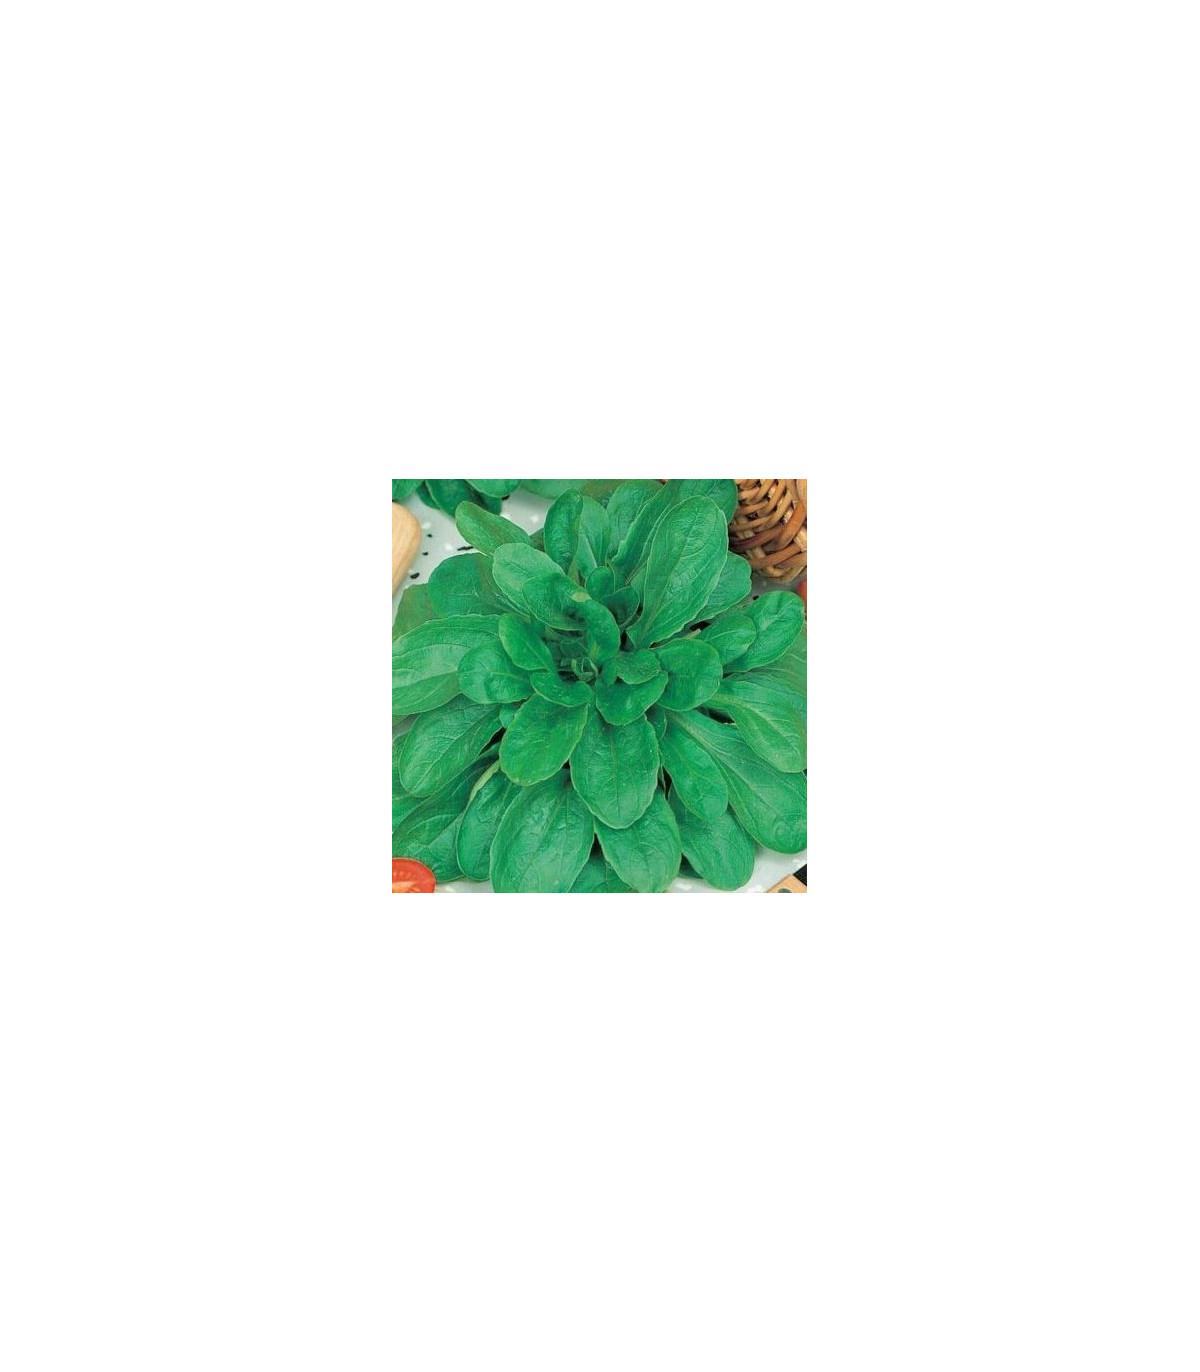 Valeriánka poľná Holand - Vallerianella locusta - semená valeriánky - semiačka - 100 ks